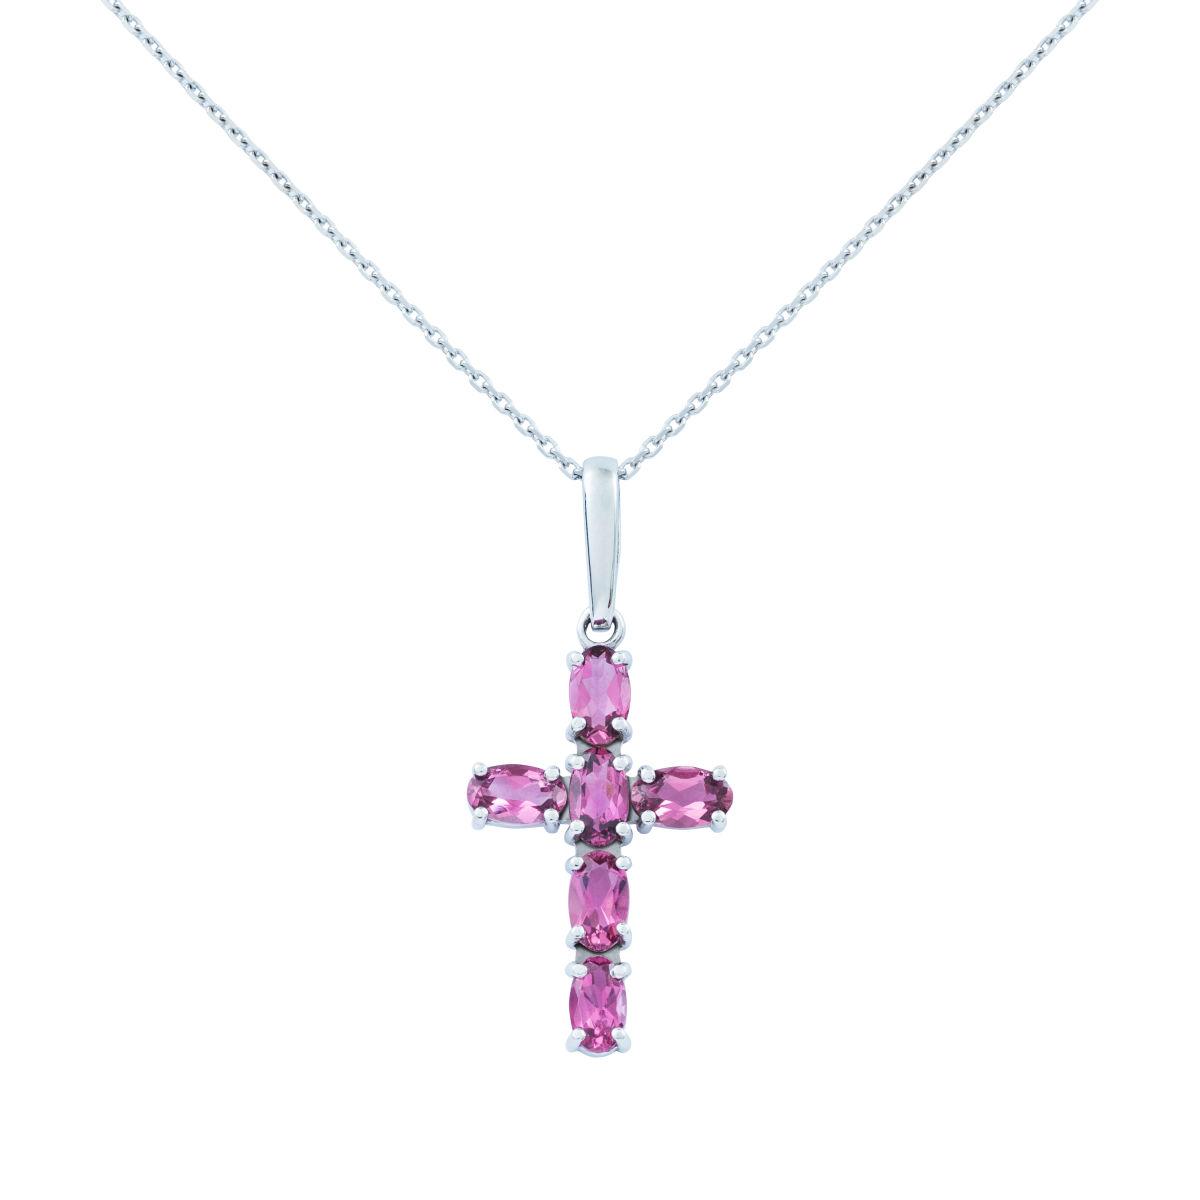 Zlatý náhrdelník křížek srůžovými turmalíny